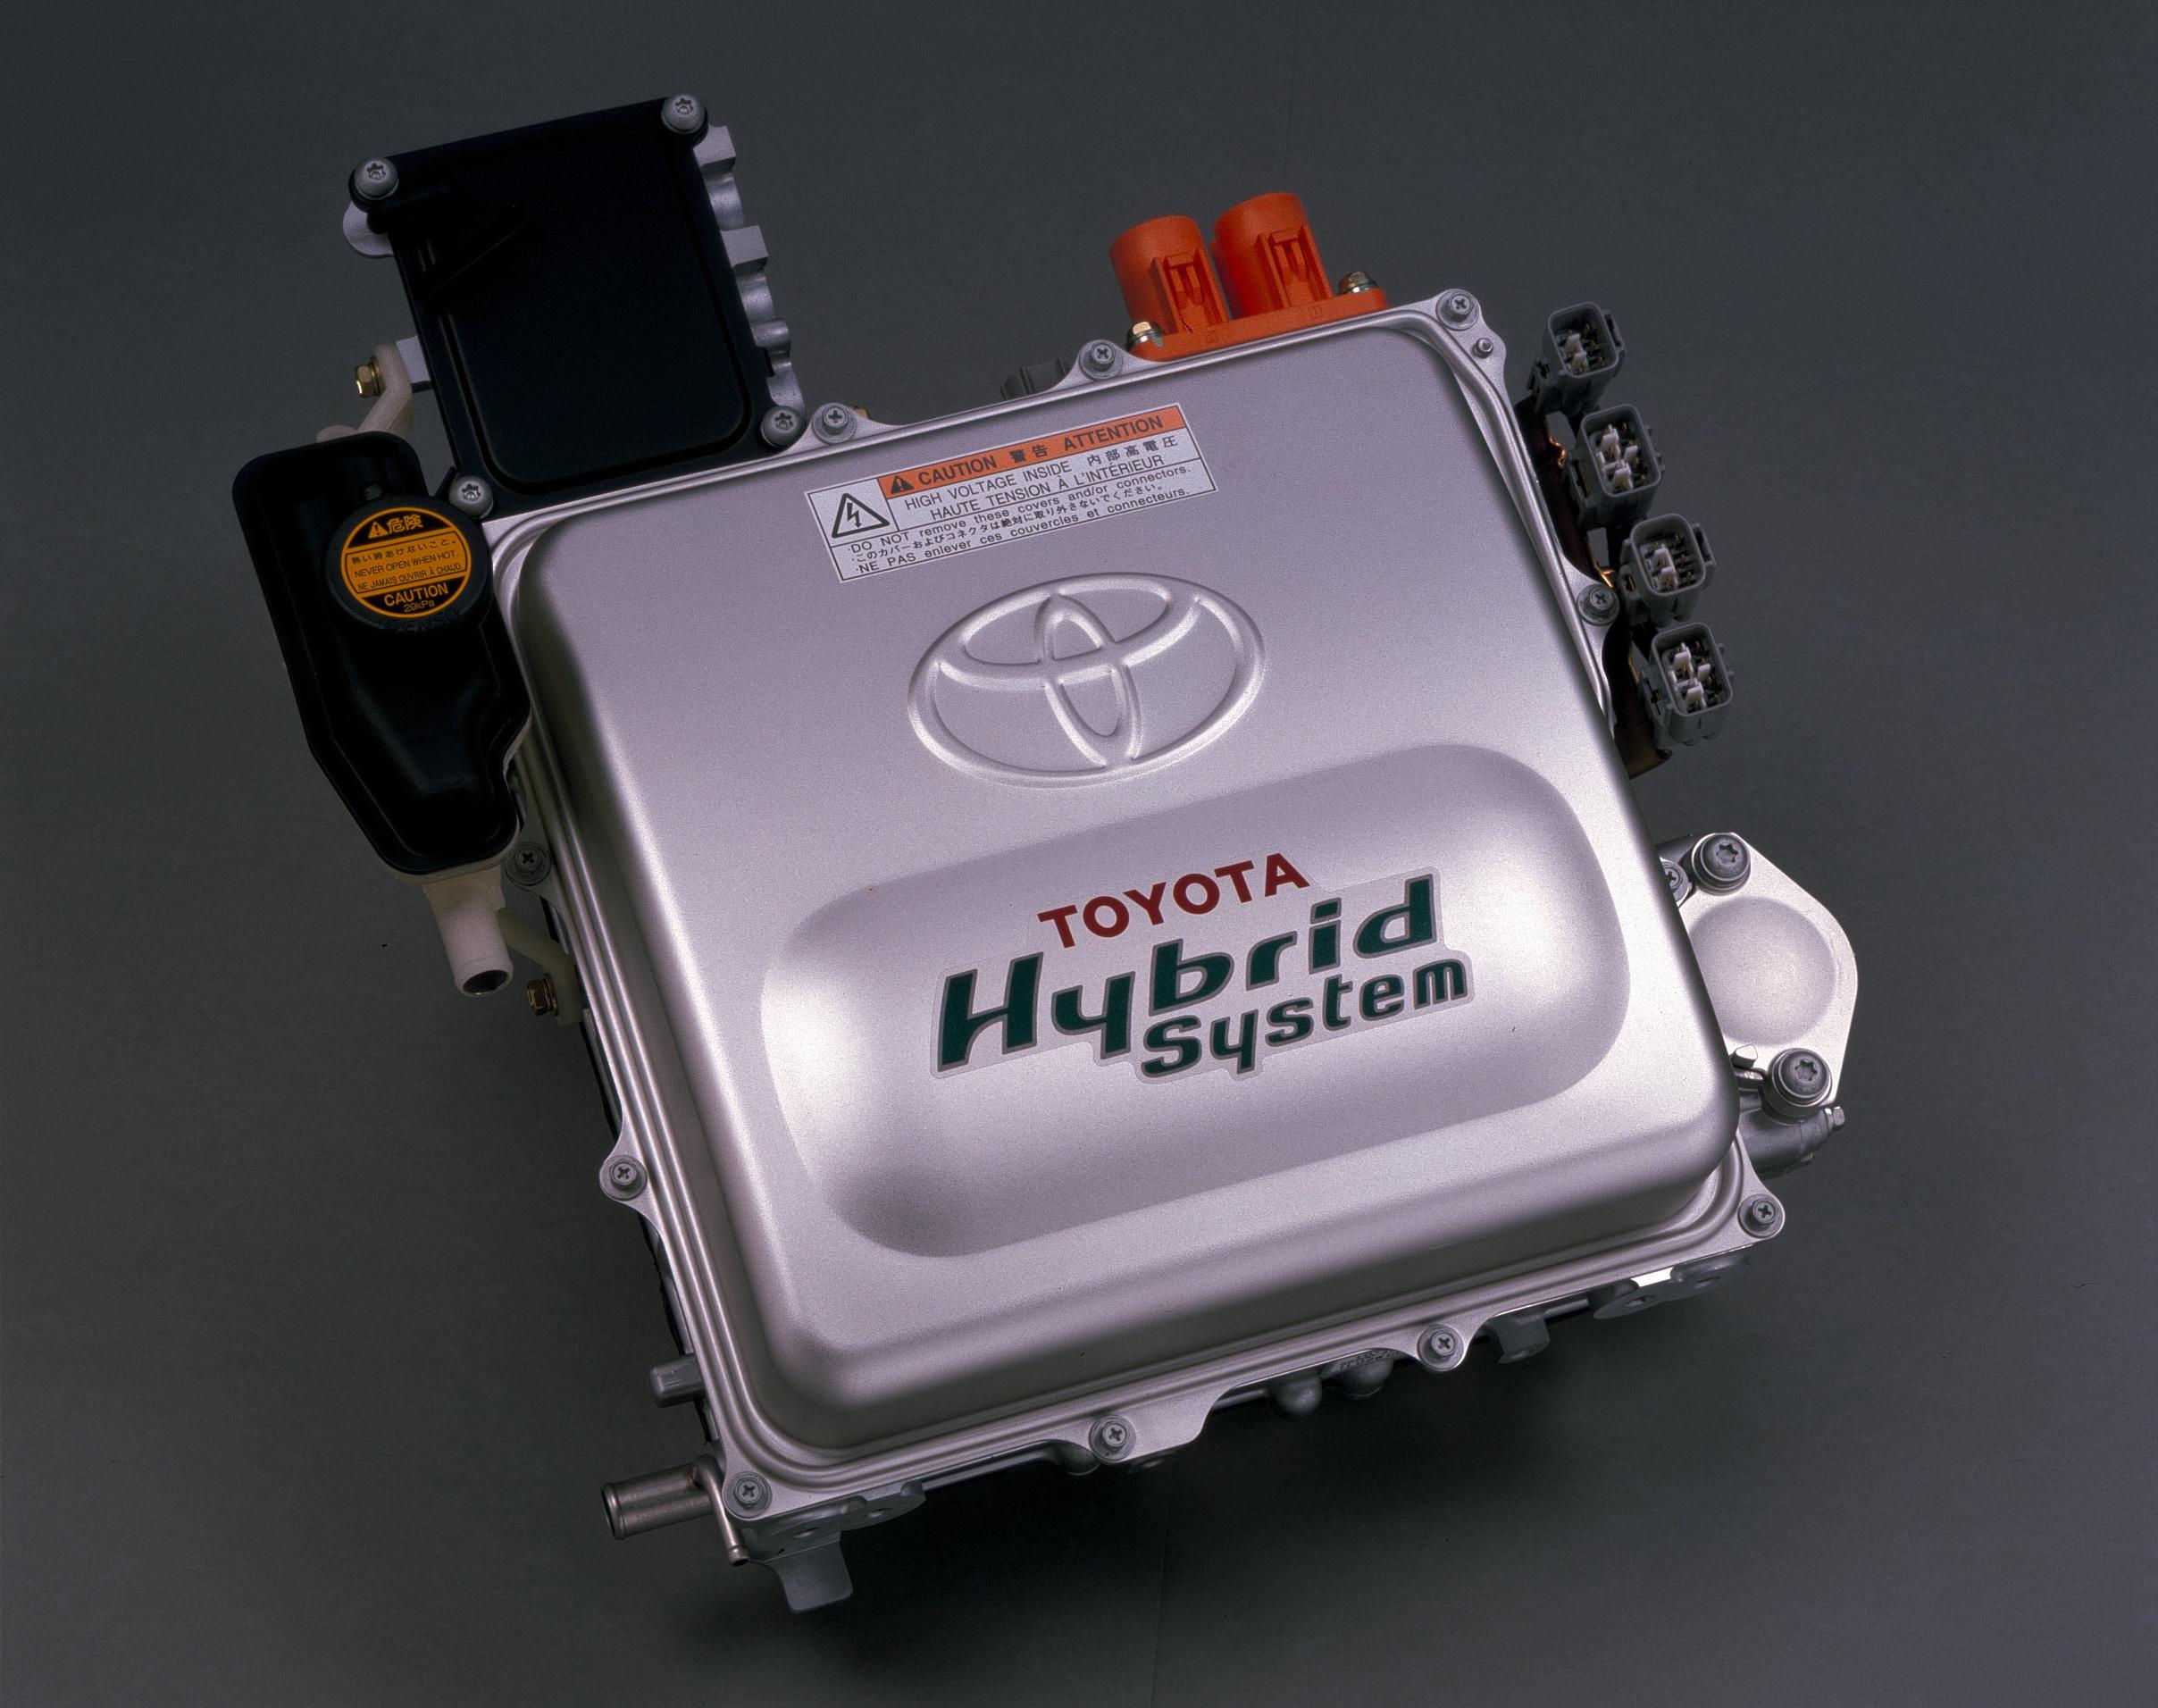 Toyota - 2000 - motor Hybrid System